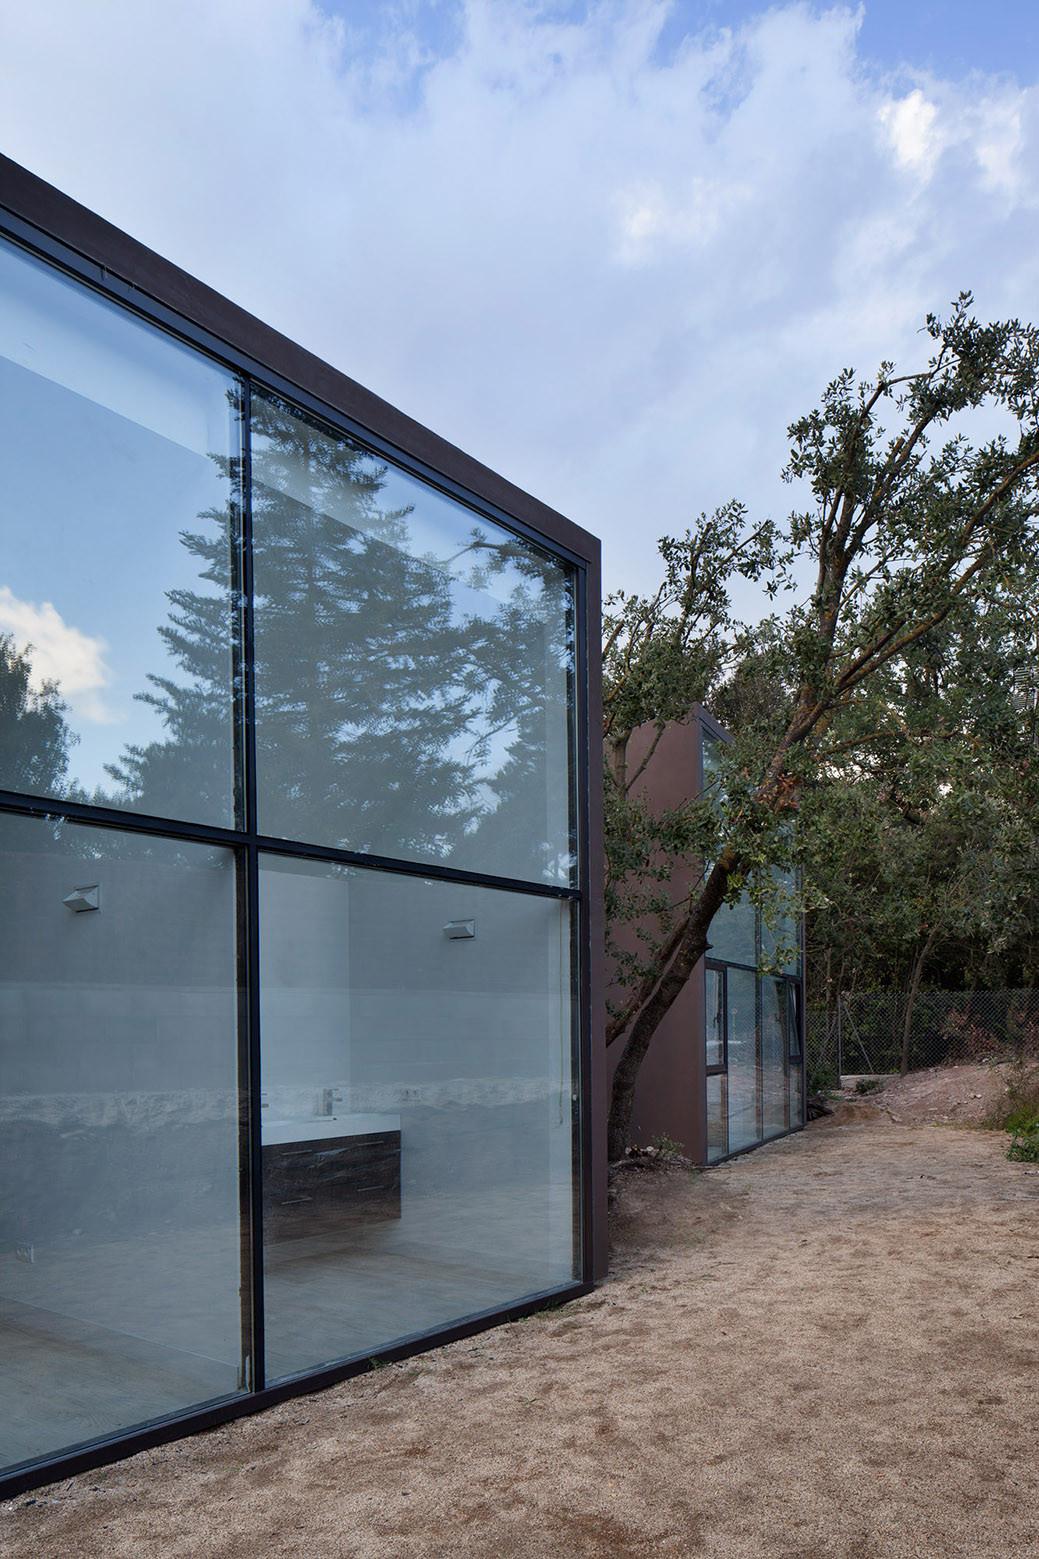 933 - Diseño tentacular y luminoso ambiente minimalista en Castellcir, Barcelona